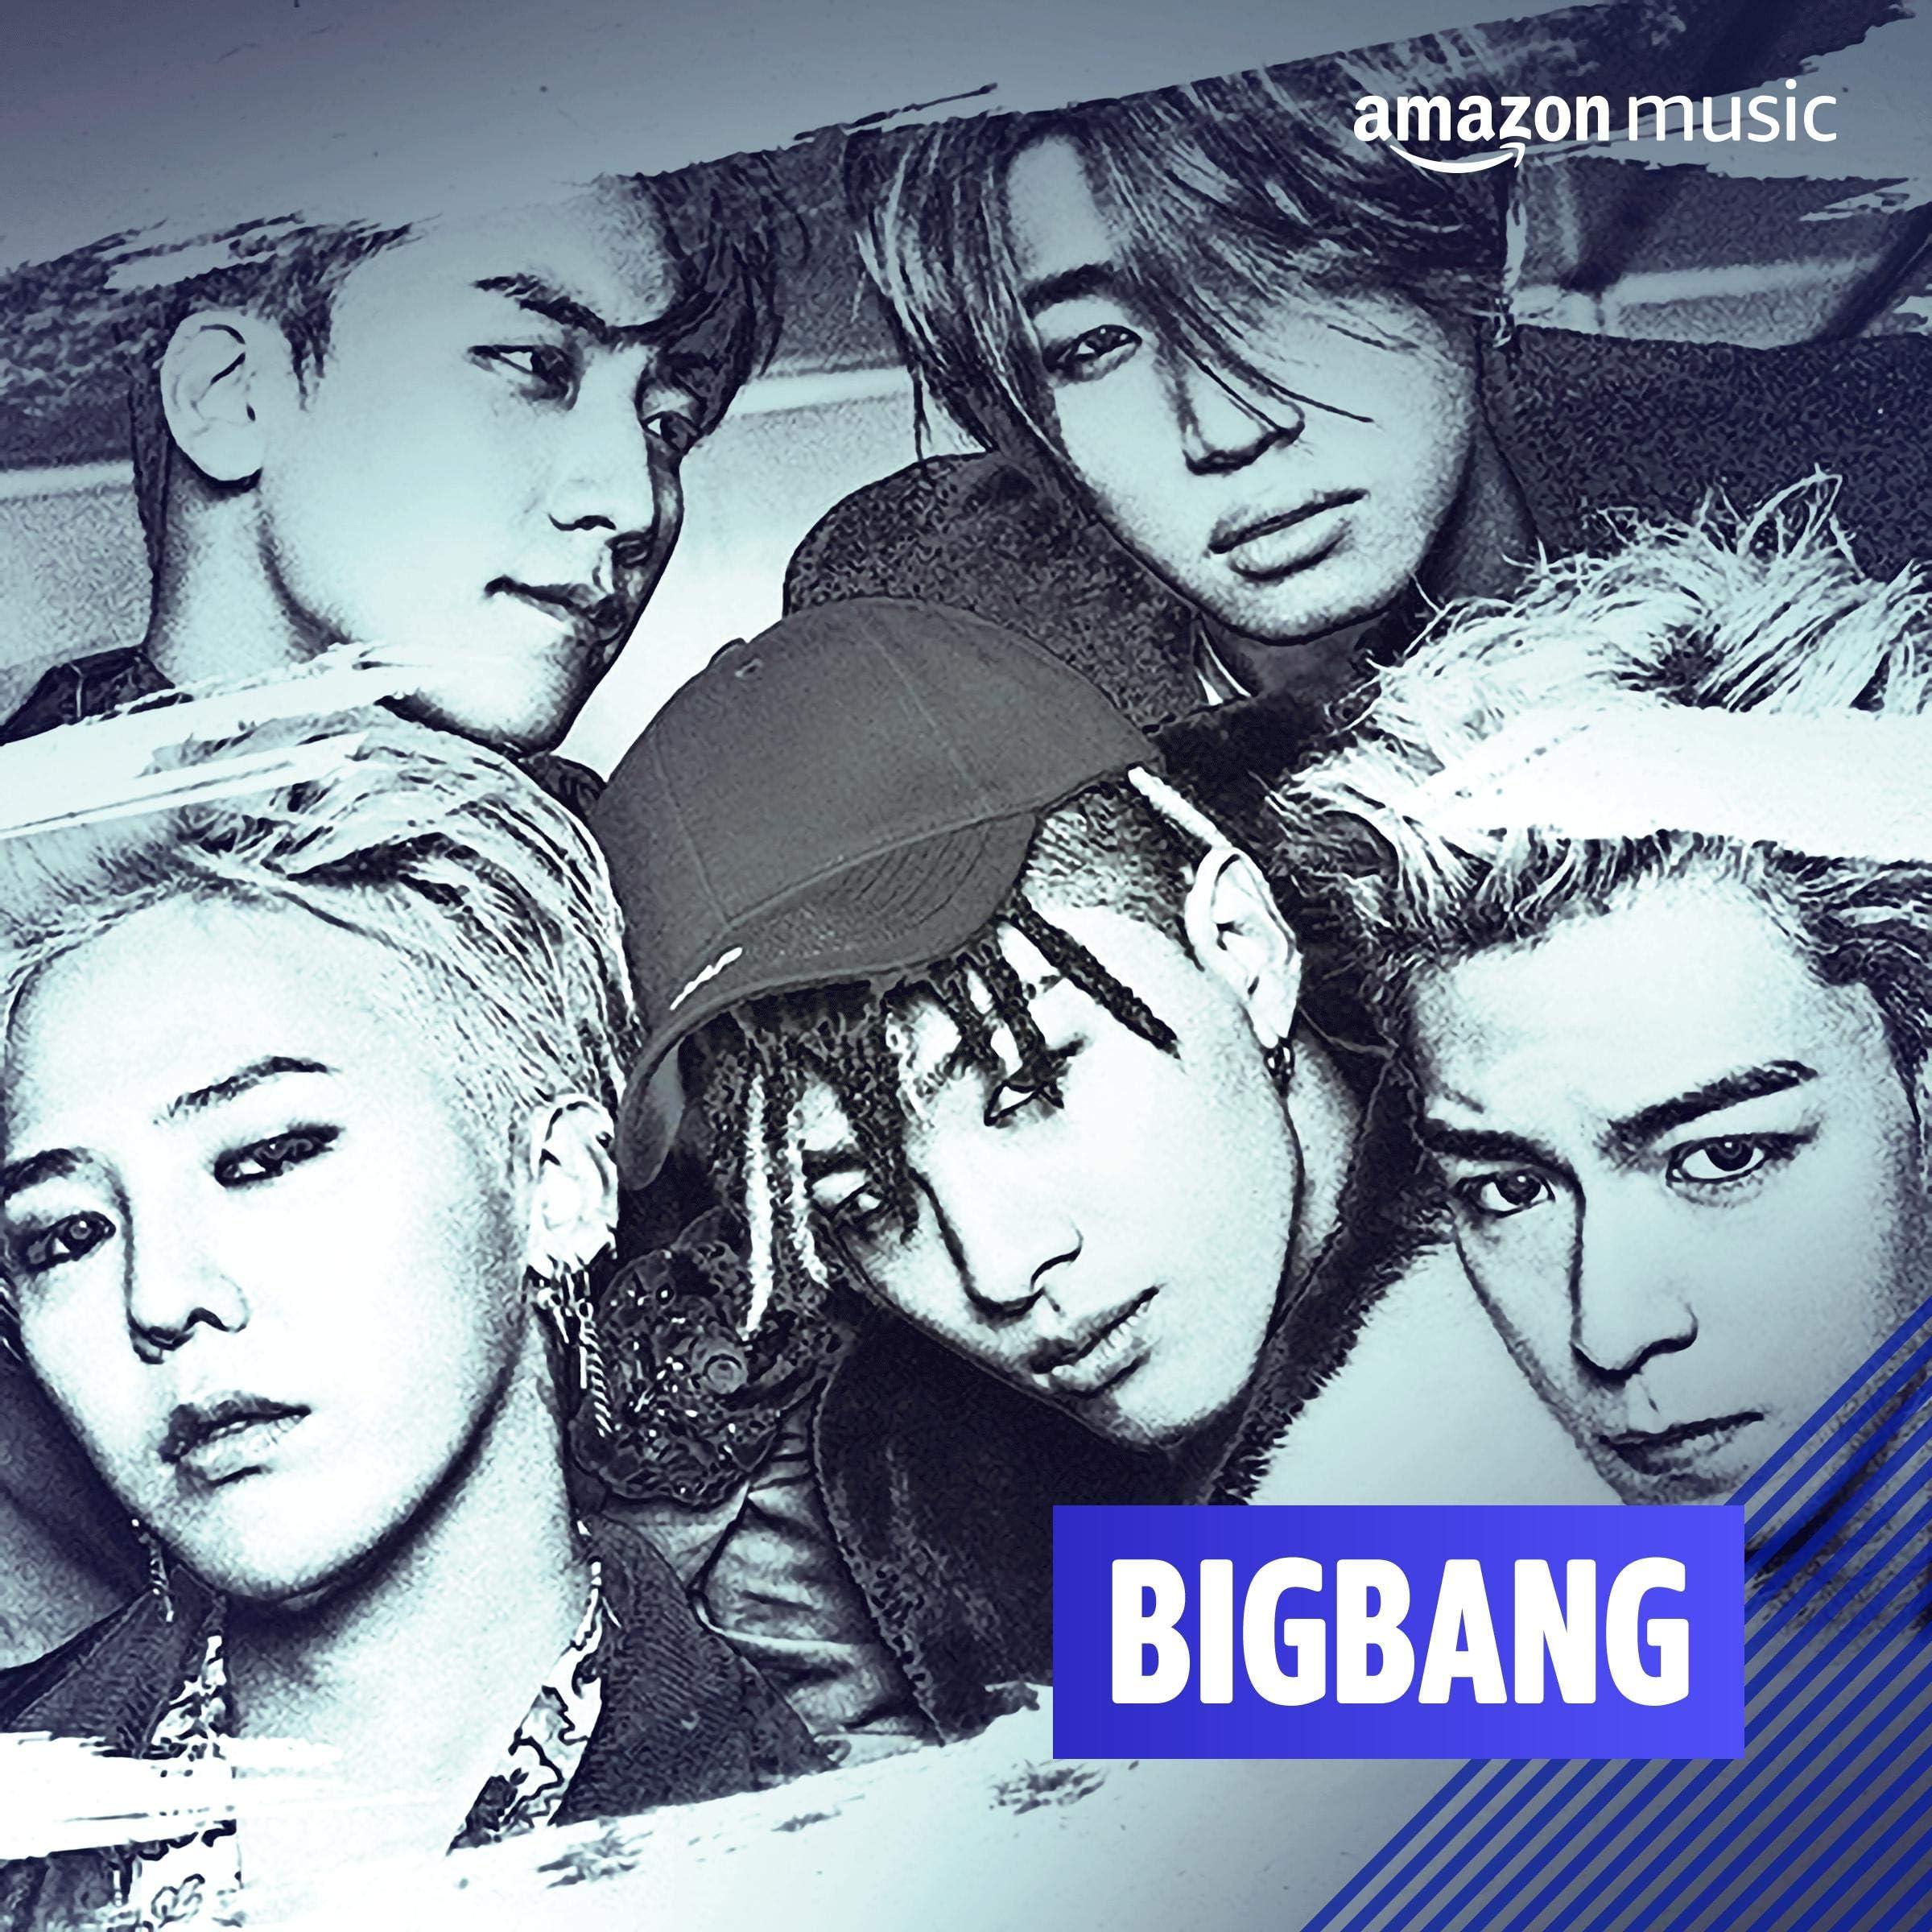 BIGBANGを聴いているお客様におすすめ